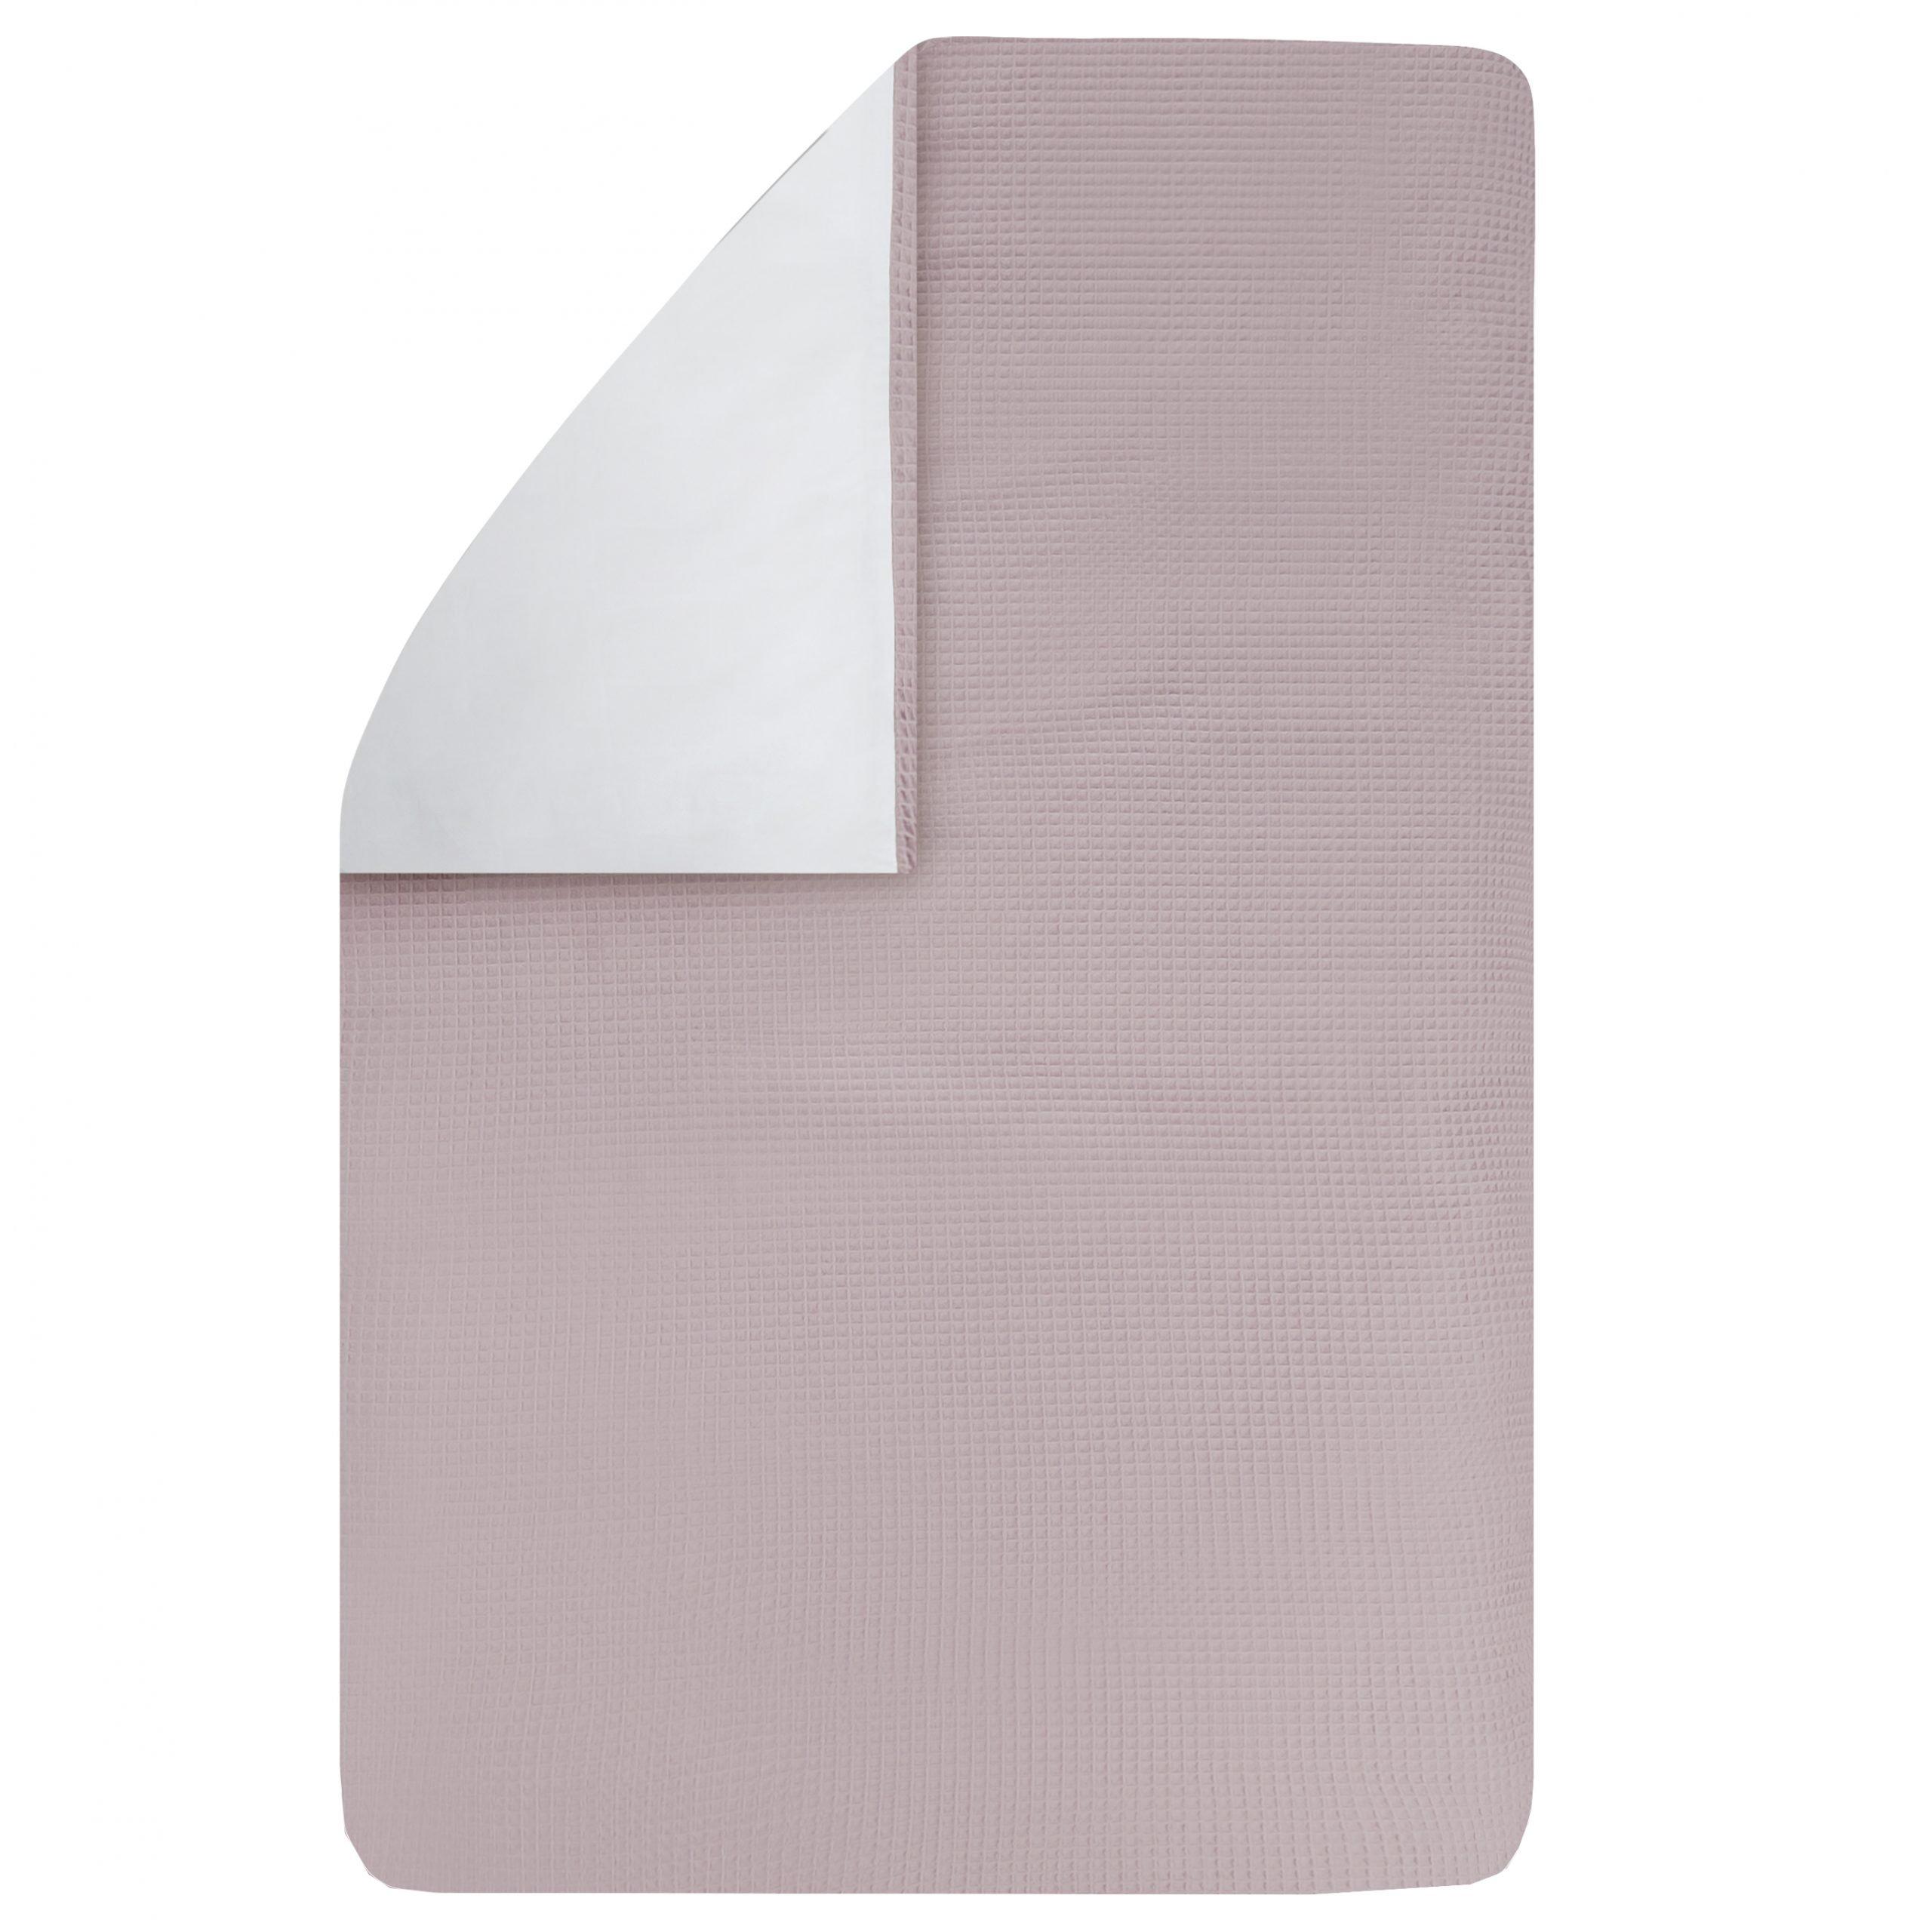 dekbedovertrek Pique oud roze 100×135